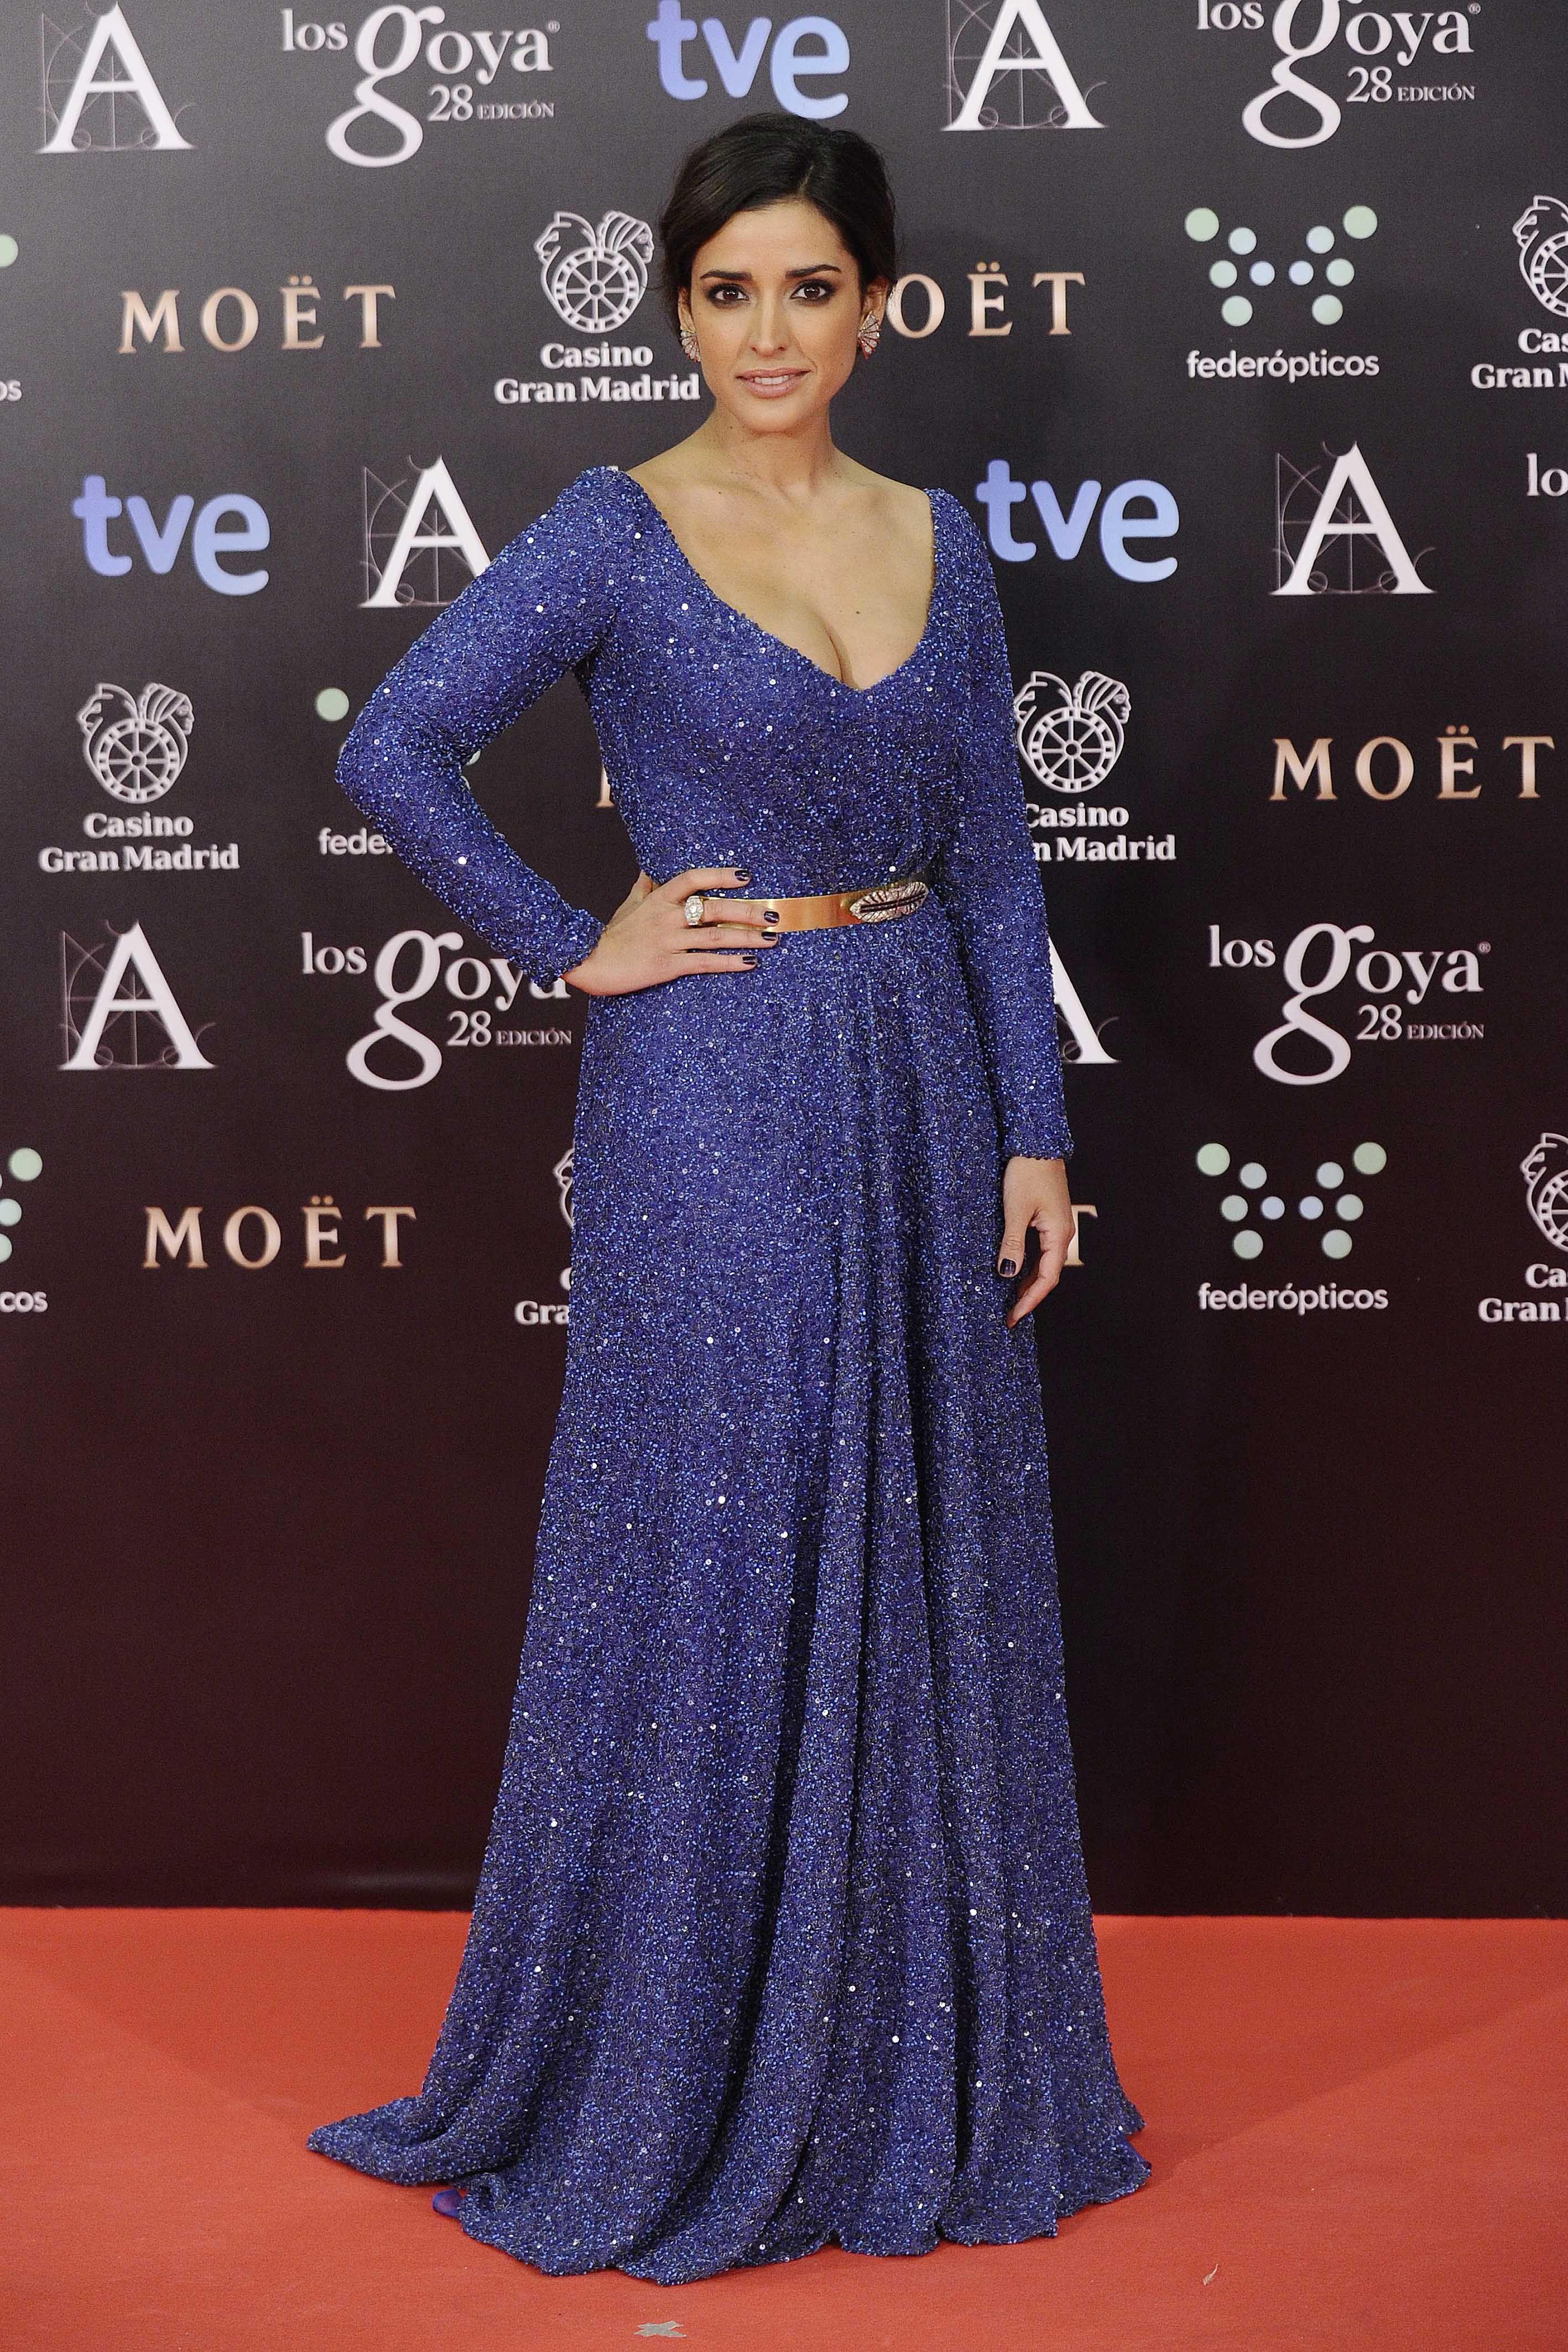 Vestidos de los Premios Goya 2014: Todos los modelos que lucieron ...